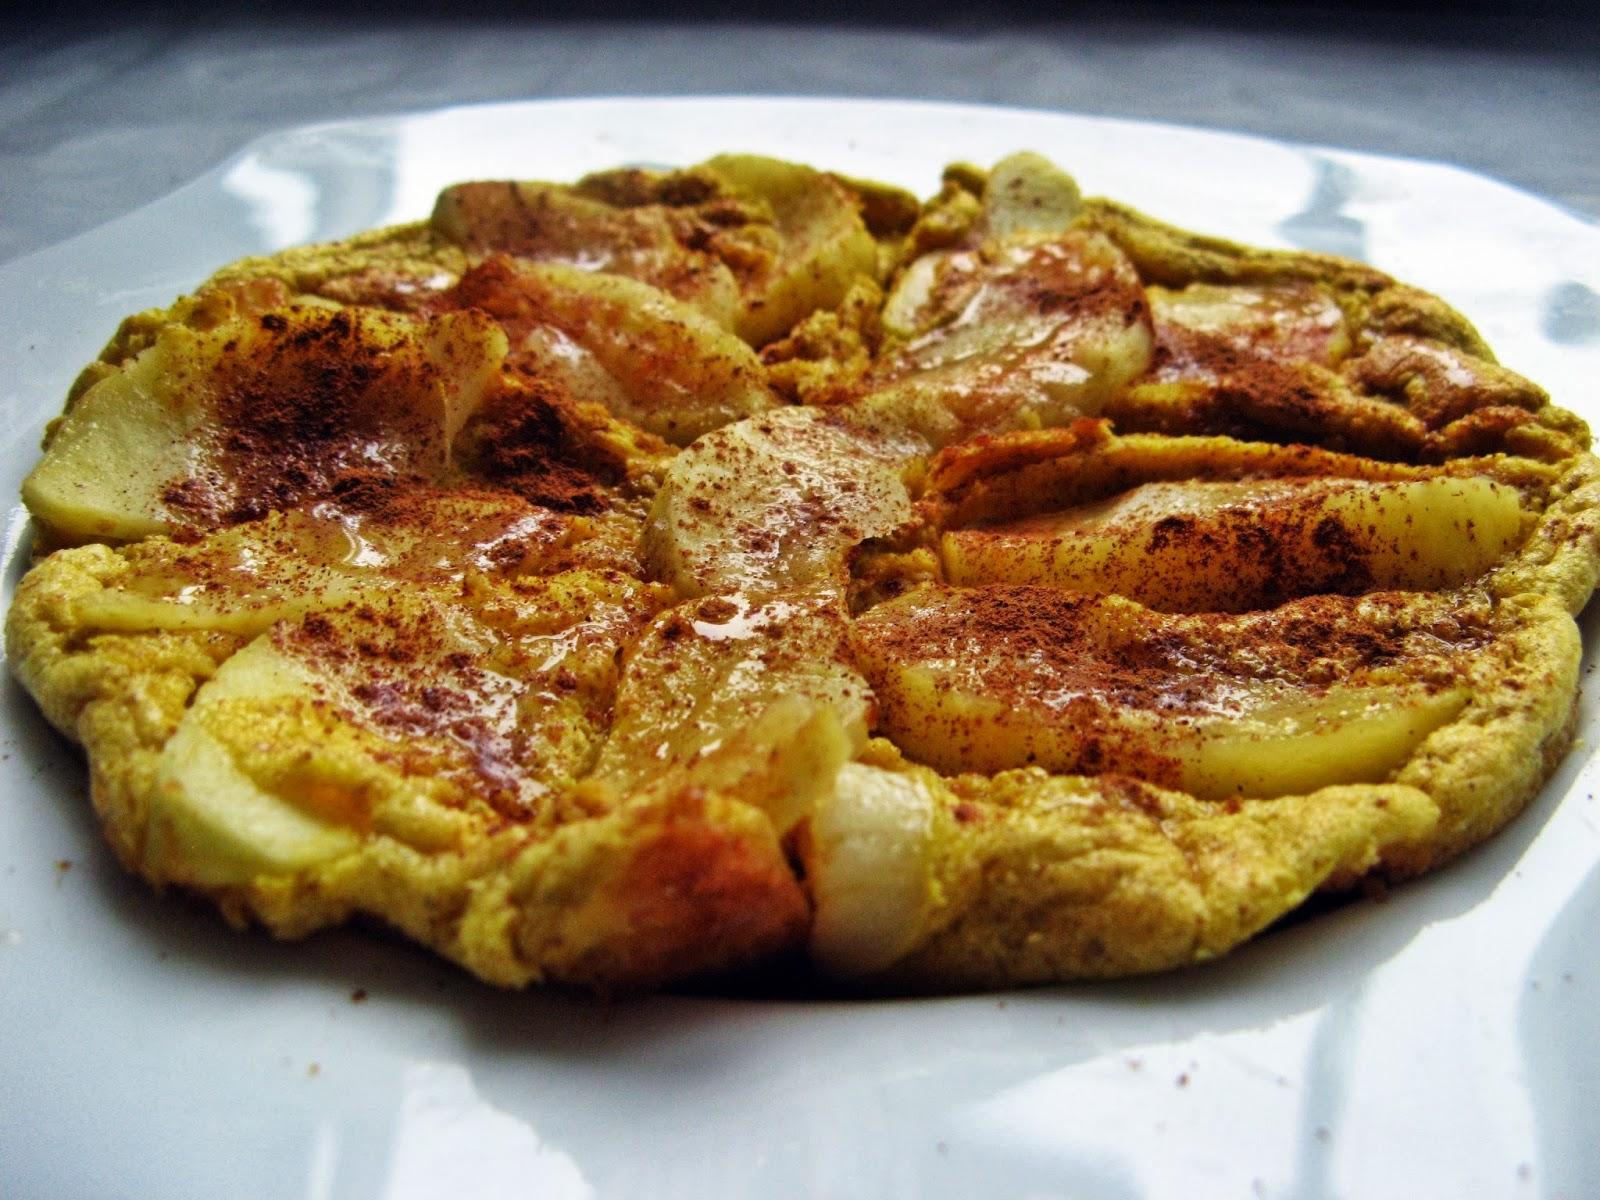 Szarlotka z patelni, czyli omlet biszkoptowy z jabłkiem i cynamonem